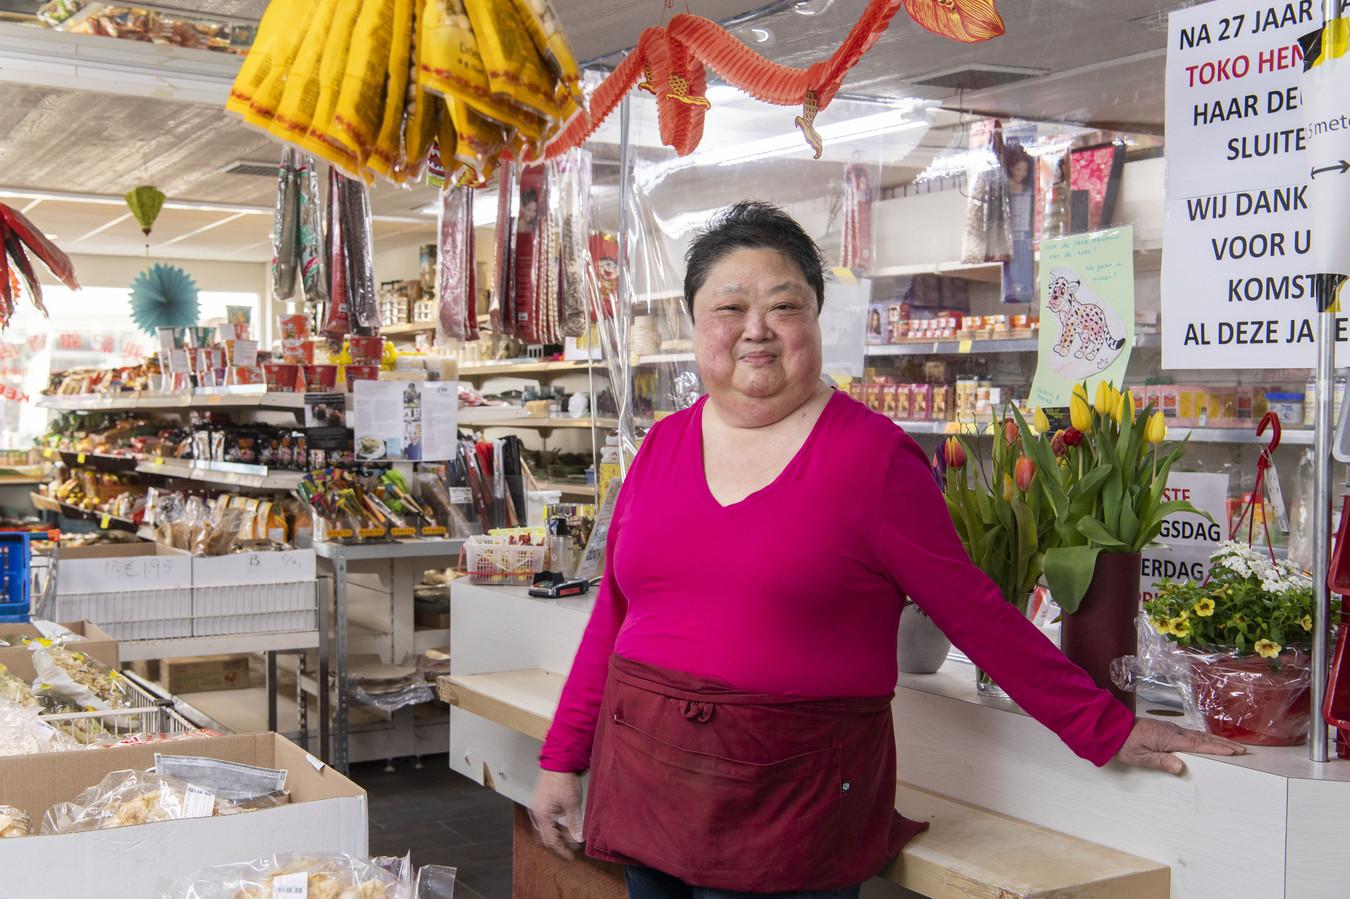 """Toko Heng Kee bood een mengelmoes aan culinair Azië. Dat past bij de Singaporese achtergrond van Siam Heng: """"Daar is het ook een mengelmoesje in de winkels."""""""